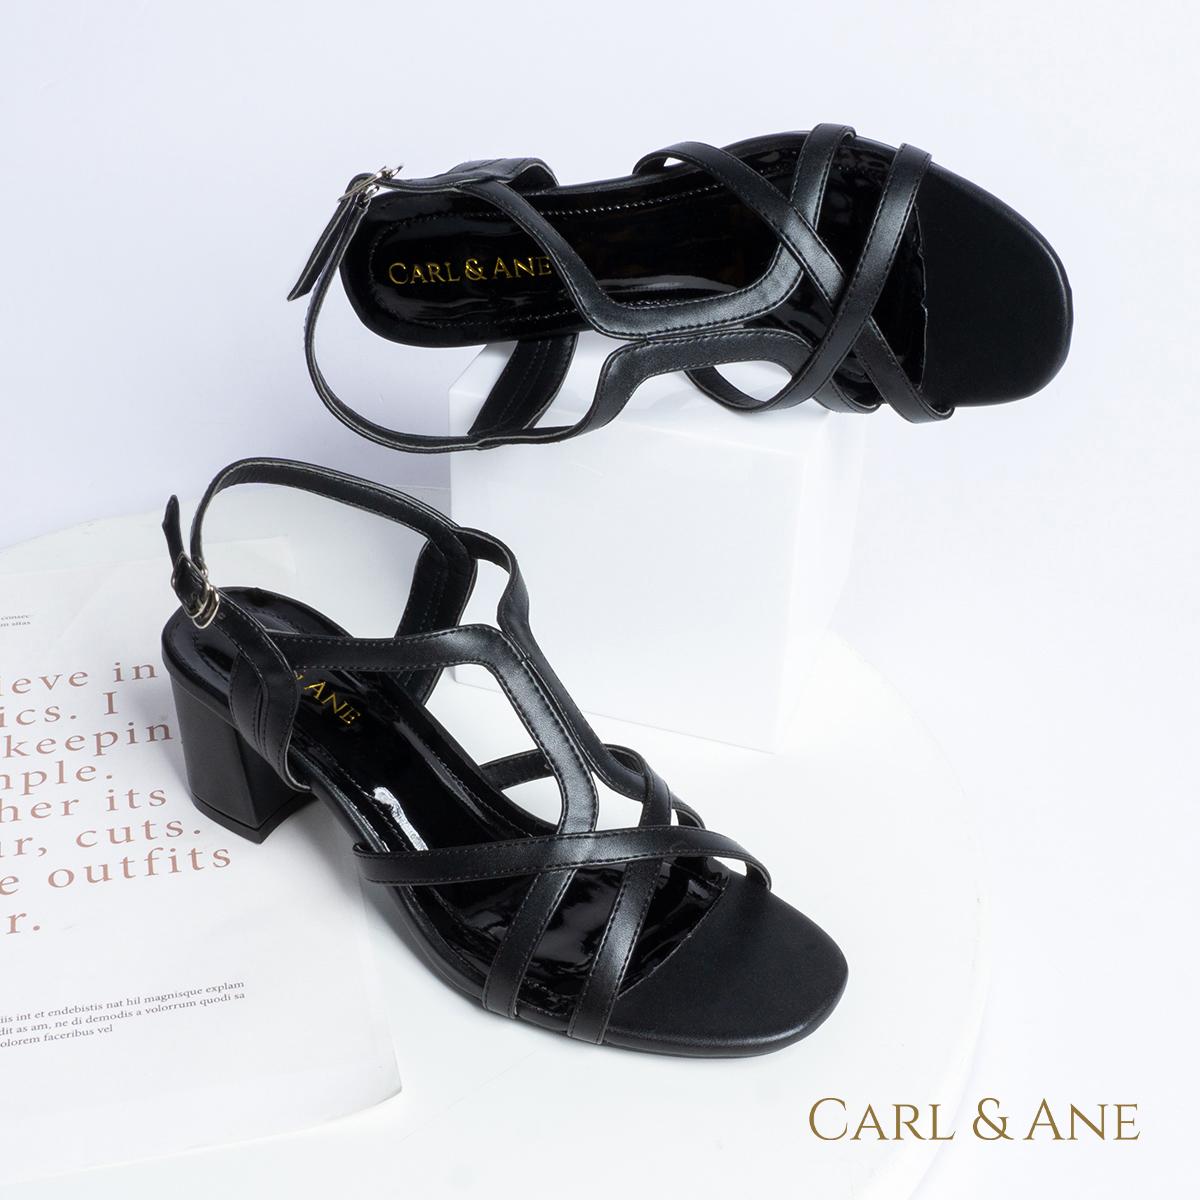 Gia y sandal phô i dây thời trang Erosska mu i vuông gót cao 5cm CS002 7